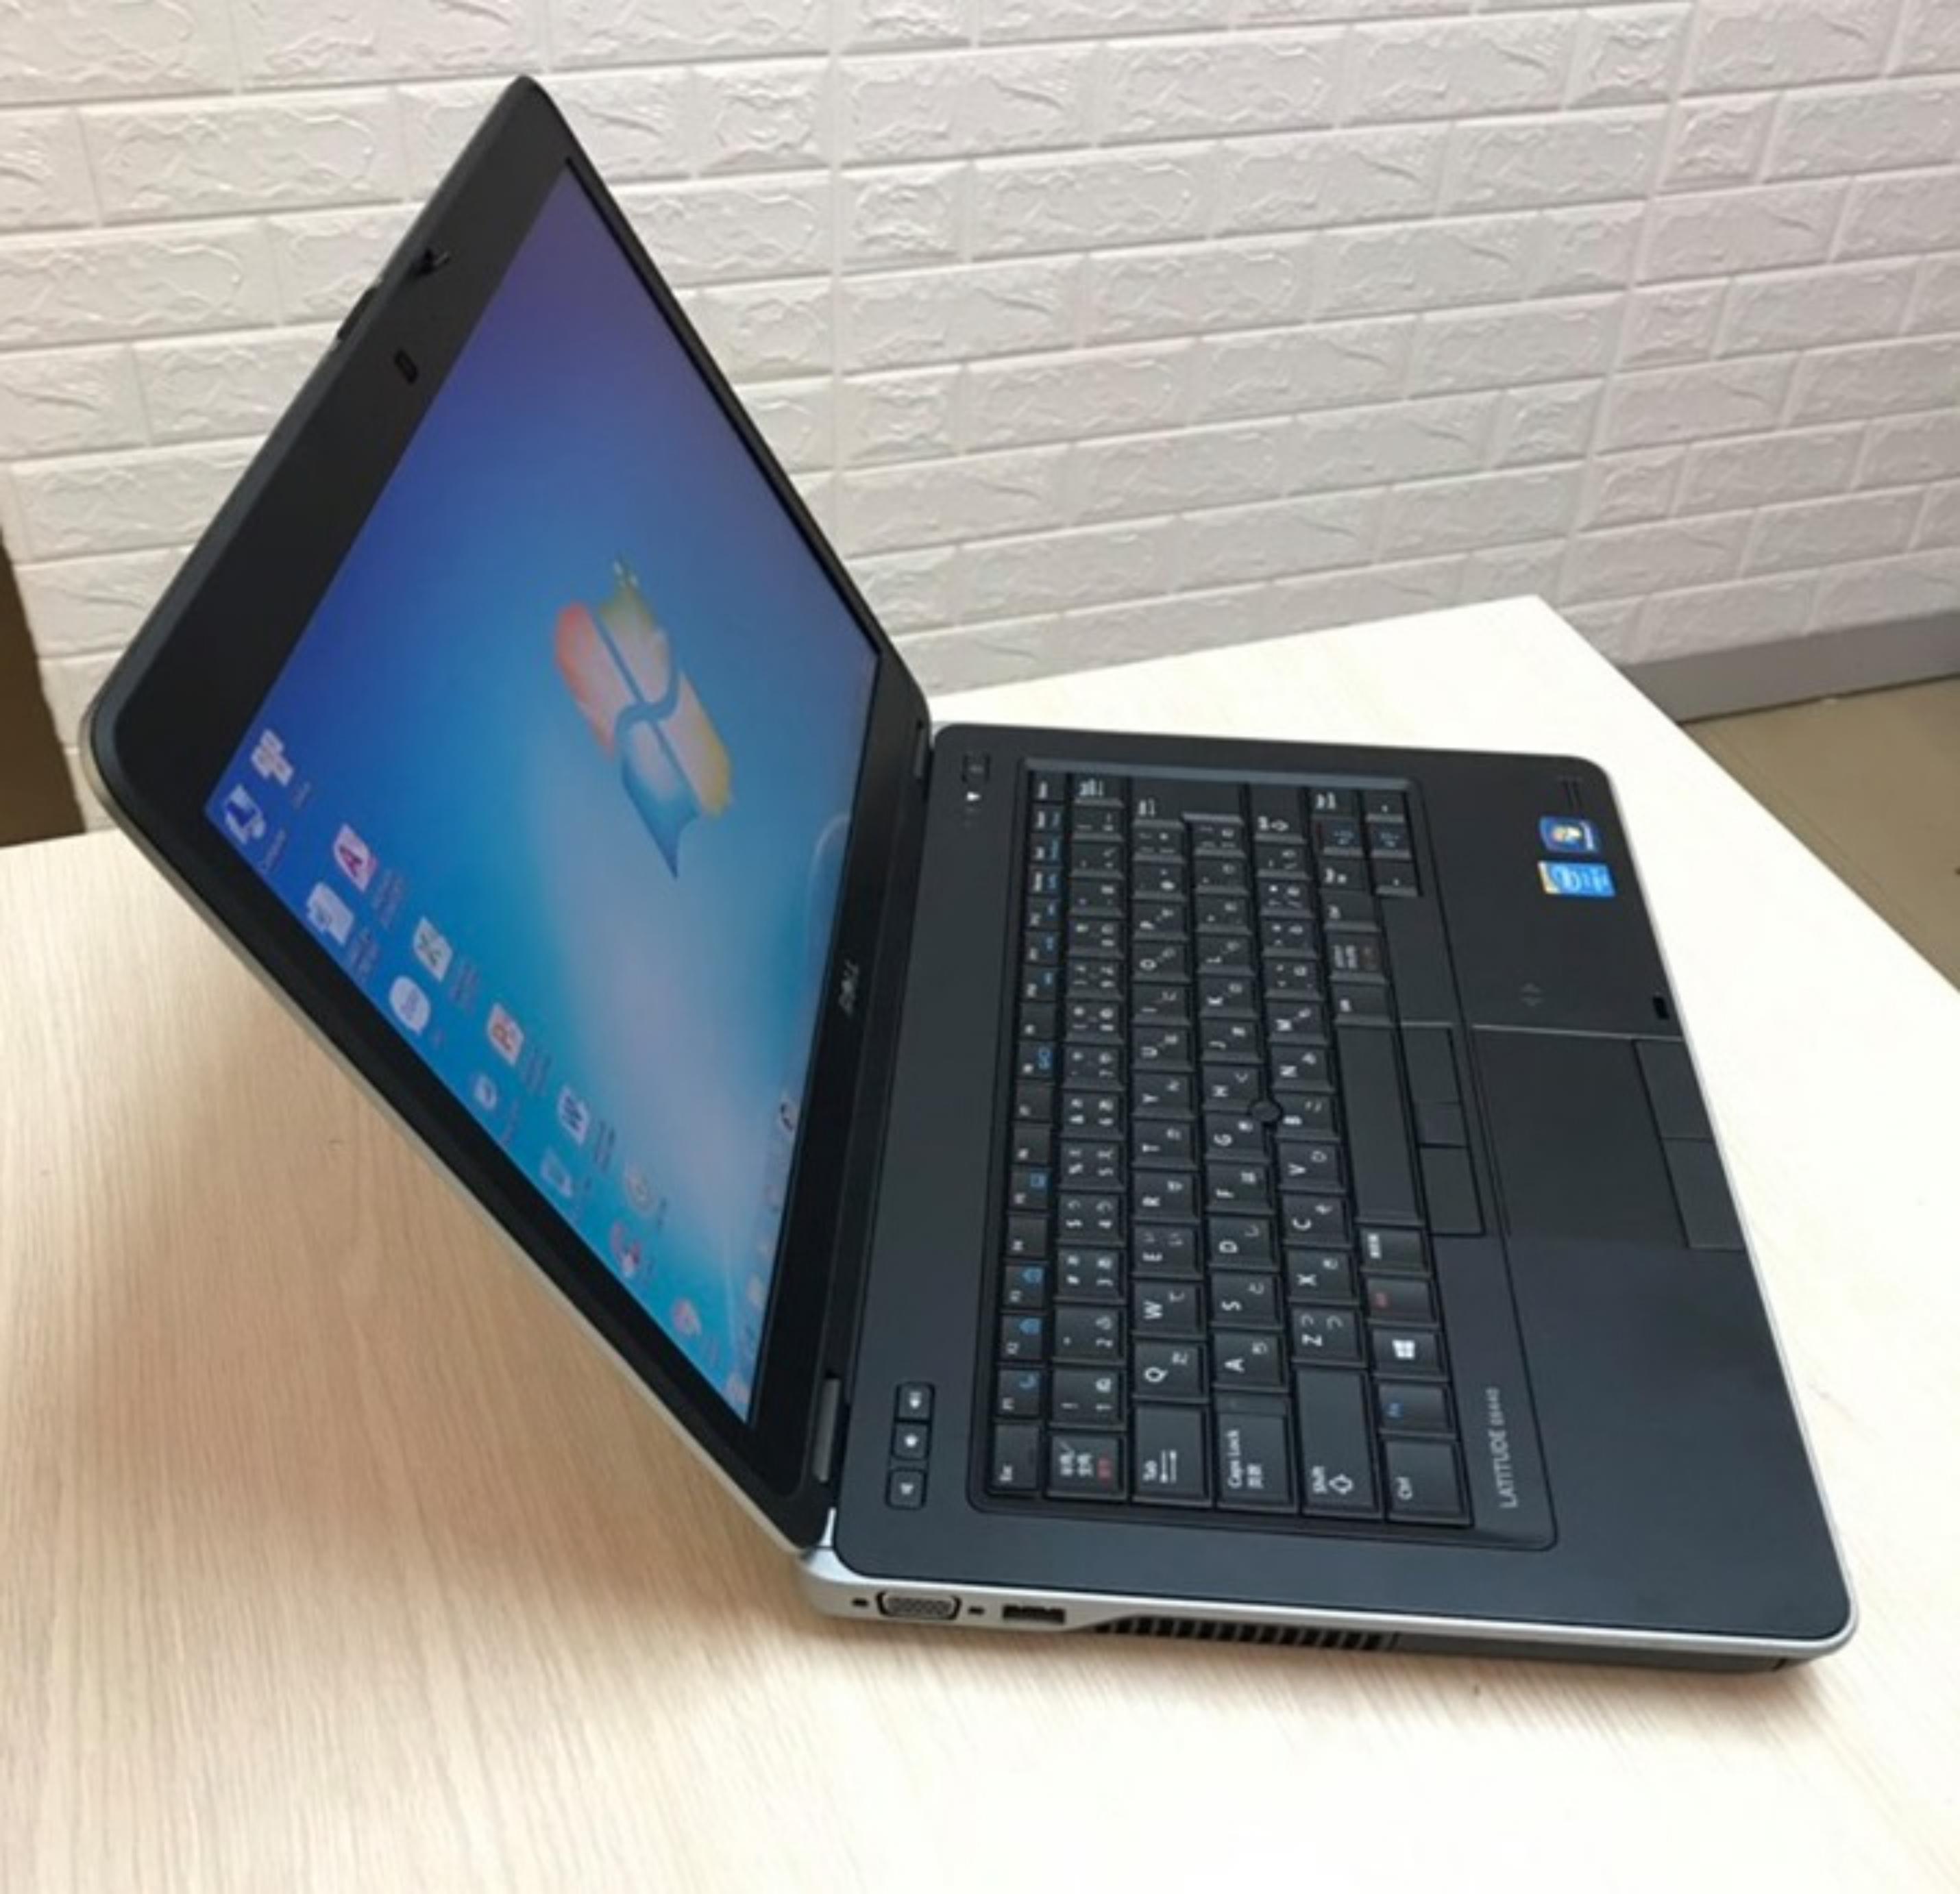 Laptop đồ Họa+game -Dell Latitude E6440 Core I7-4600M/ Ram 4G/ 500G/ Màn 14 Inch Vỏ Nhôm Siêu BỀN BỈ CHẠY 24/24 Giá Rất Tiết Kiệm